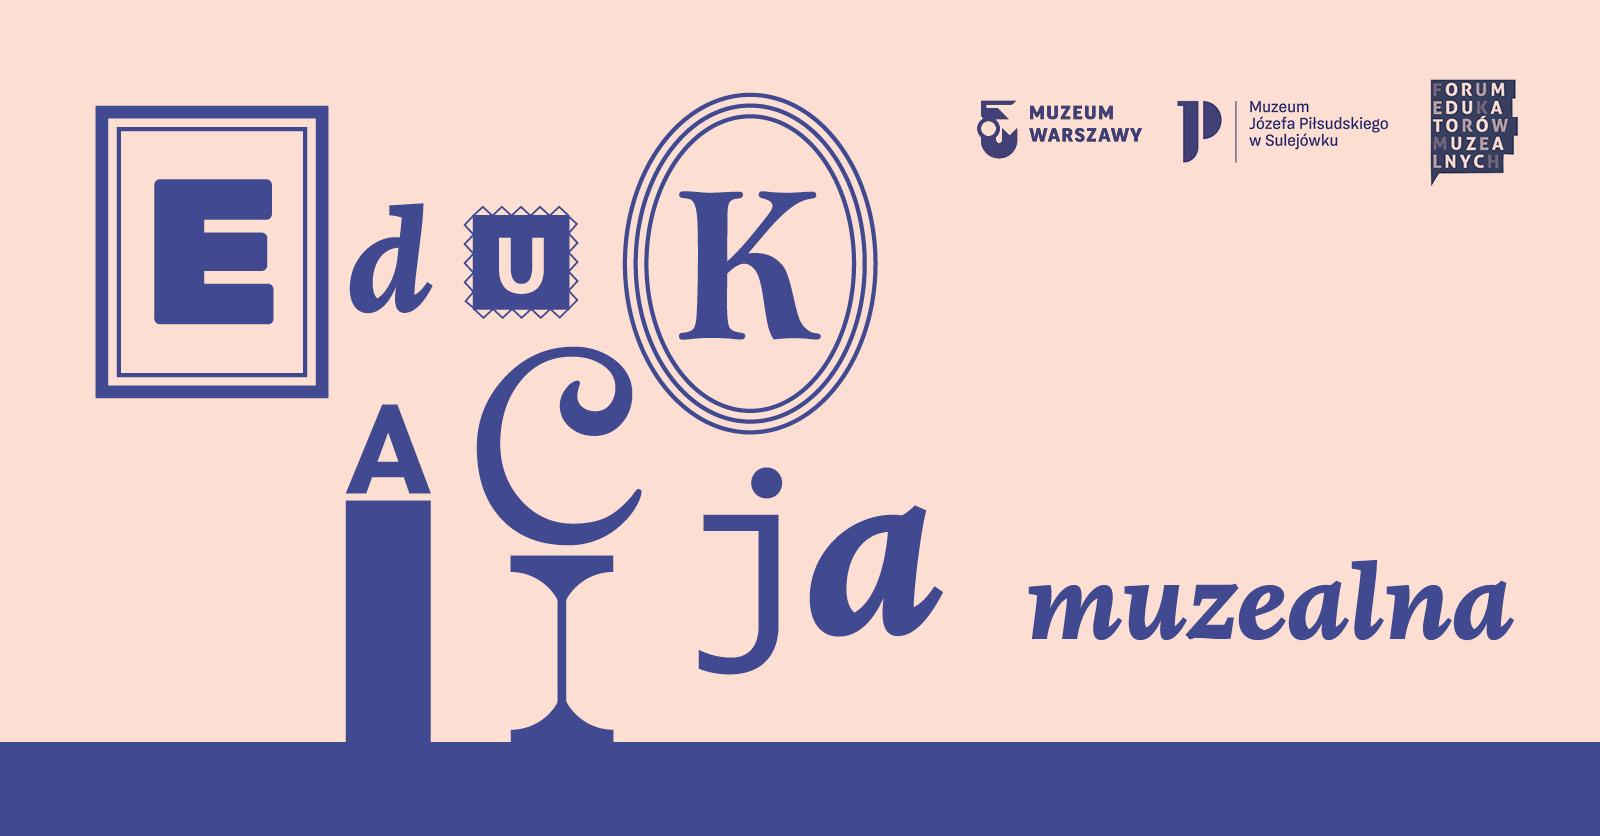 Spotkanie online liderek iliderów edukacji muzealnej już 29 maja.